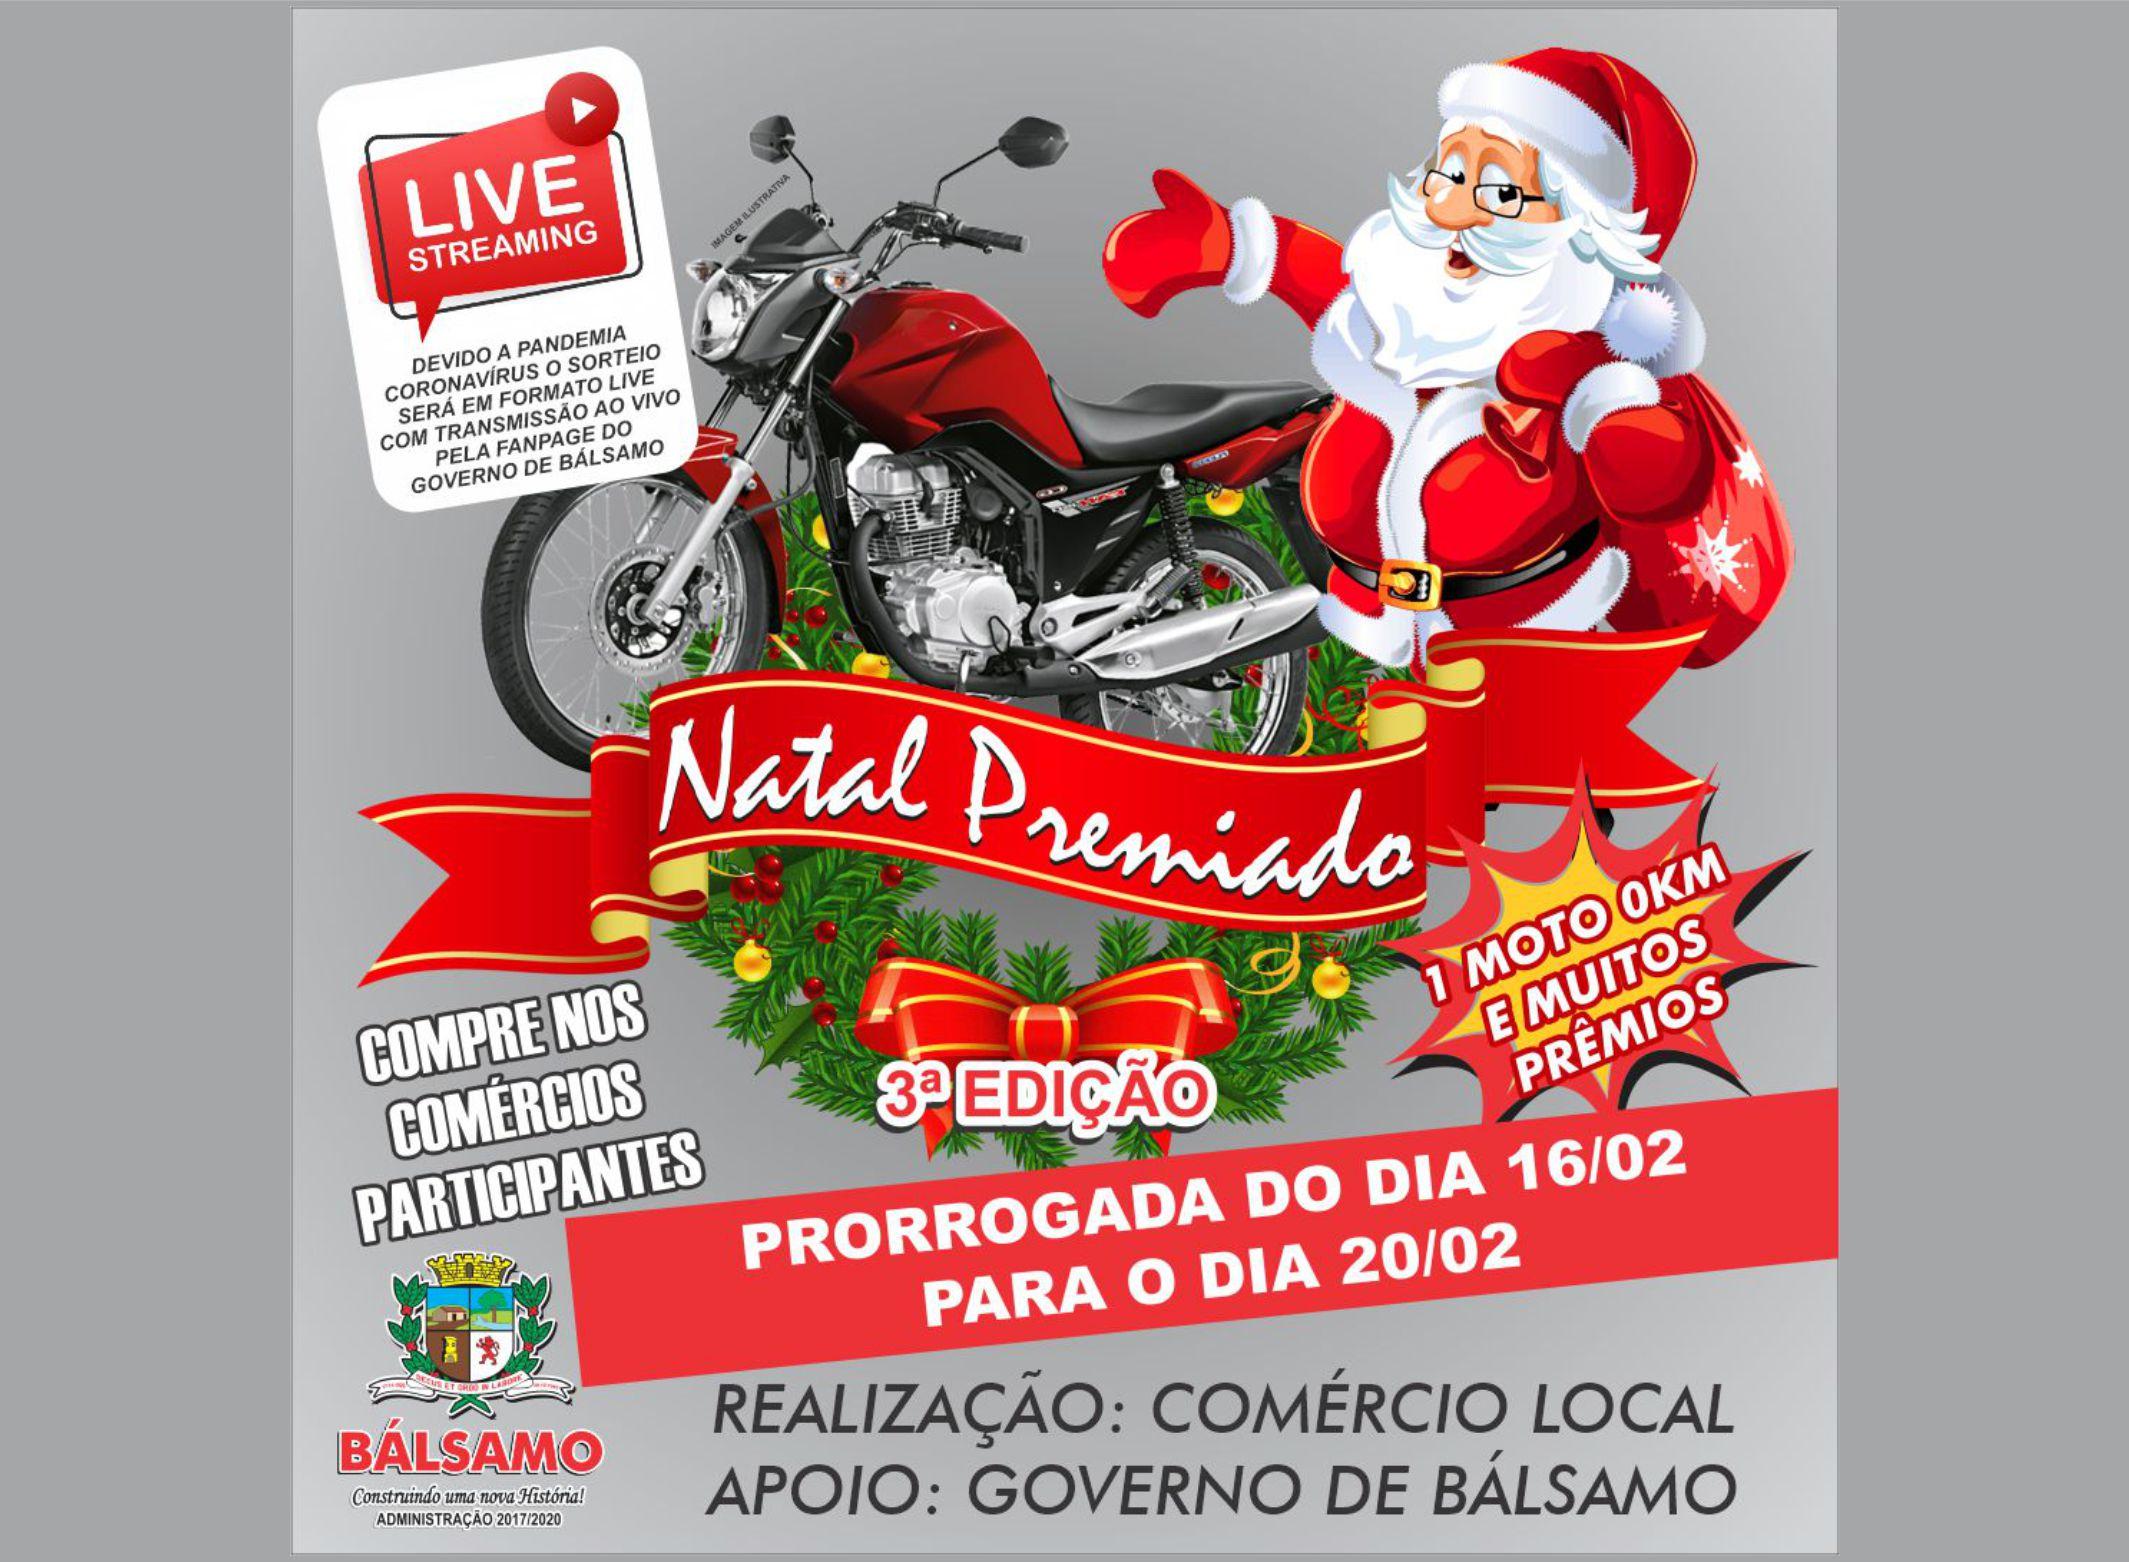 Natal Premiado é prorrogado para o dia 20/02 e será em formato live na rede social